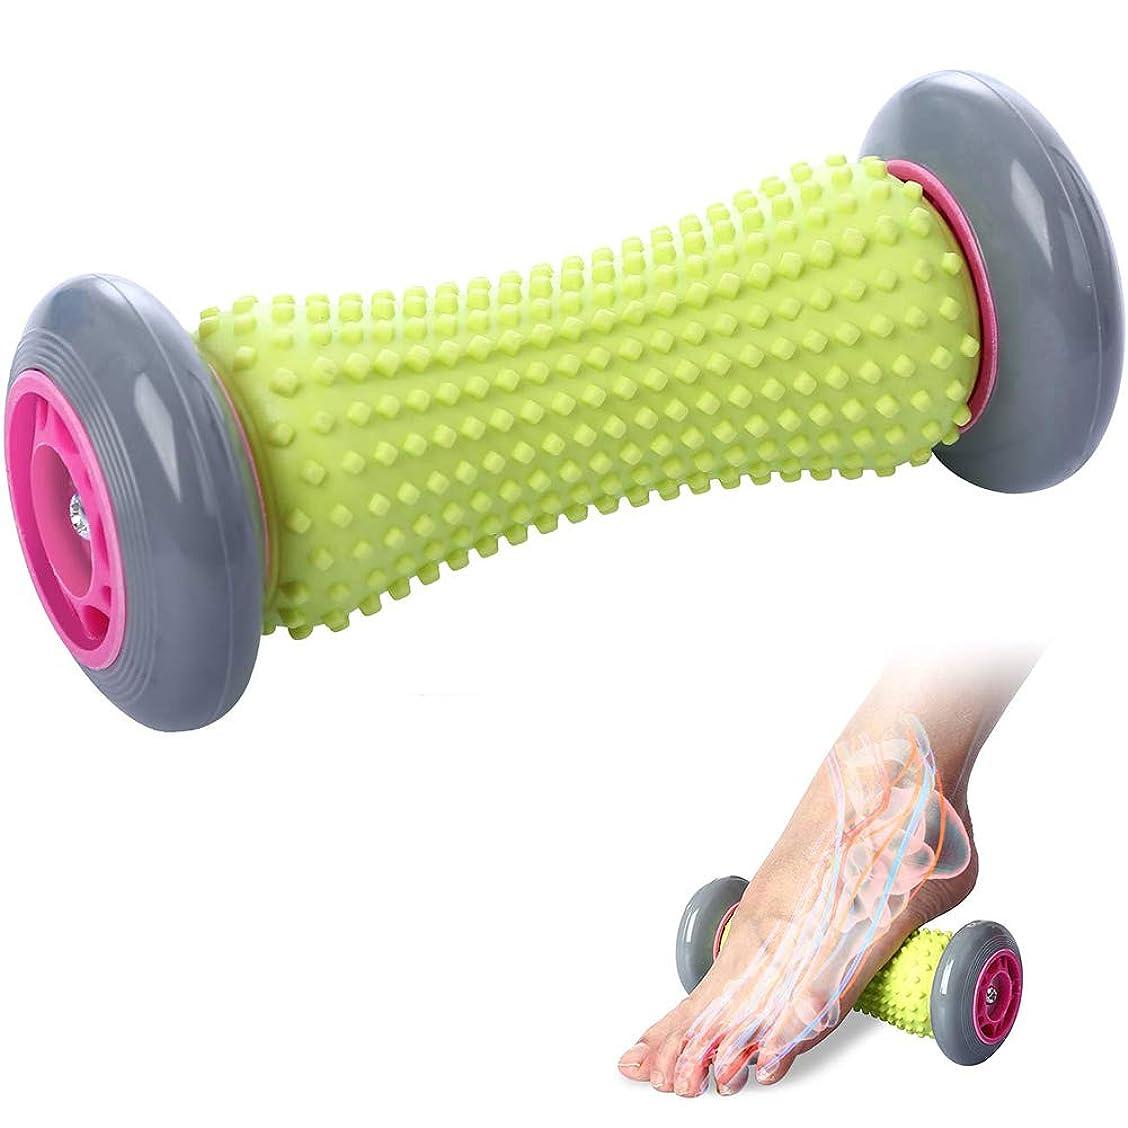 アミューズ標準側溝タイトな筋肉を回復させるための背中と足の痛みの治療のためのペダルマッサージホイール指圧足の筋膜炎足のマッサージ(16.5Cm * 6.5Cm)